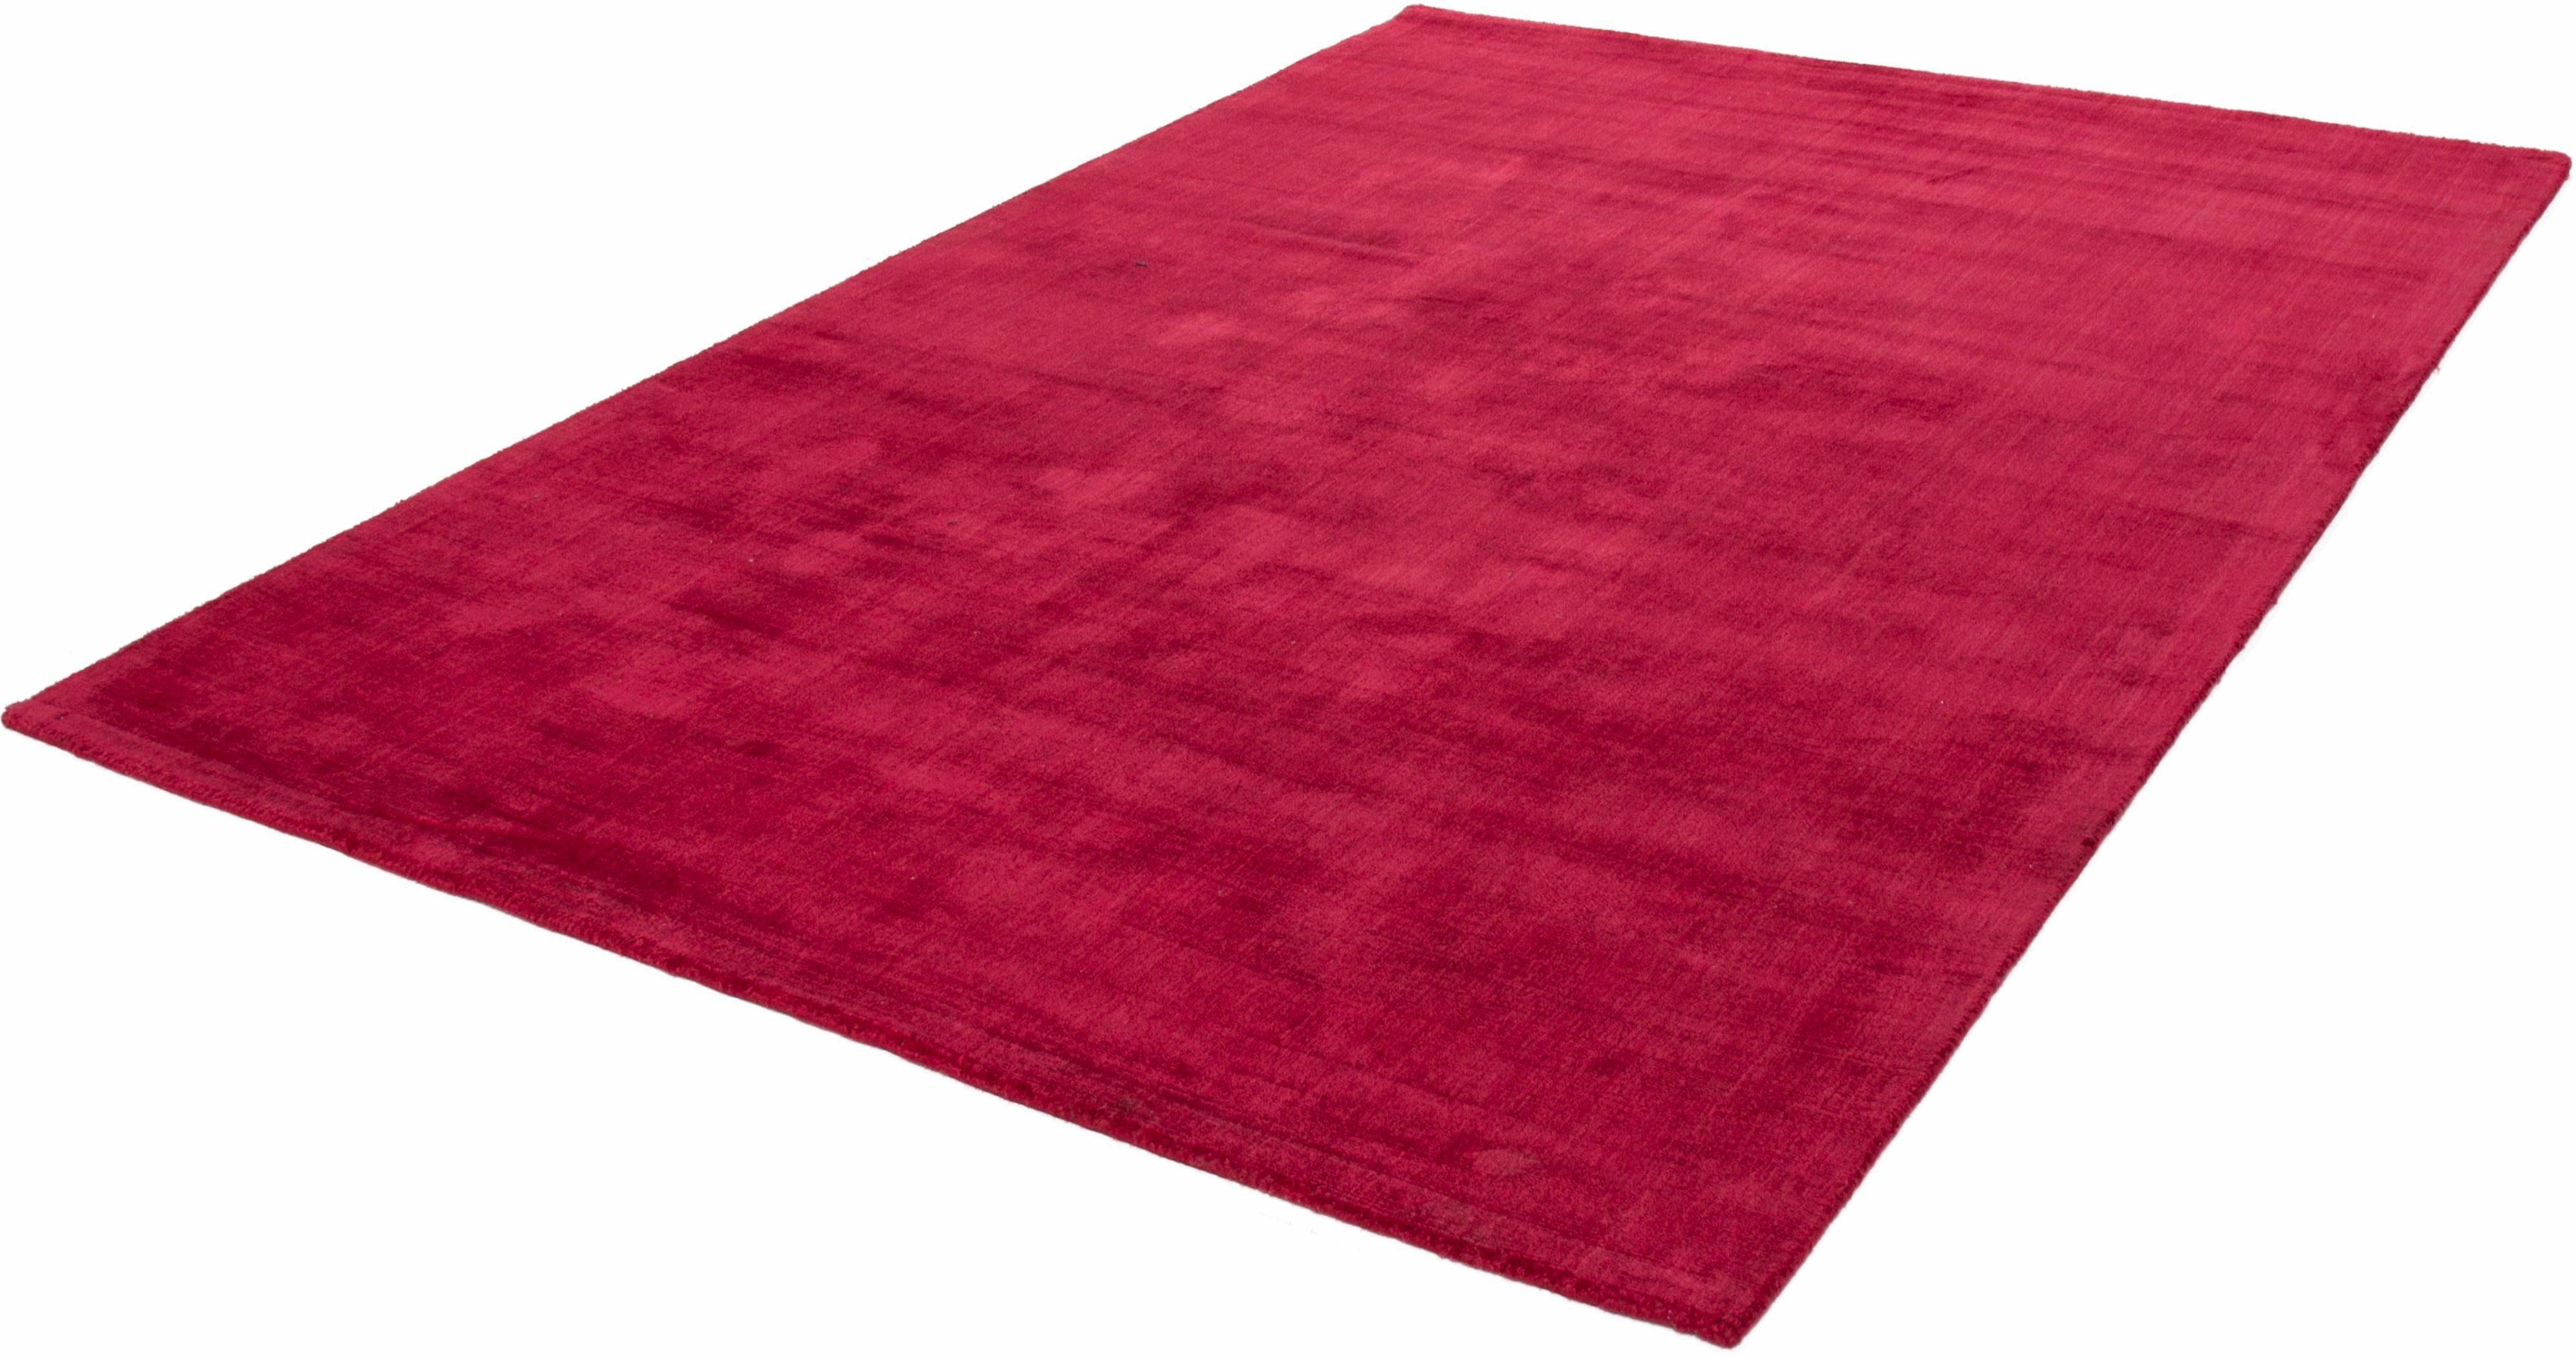 Vintage teppiche online kaufen retro teppich otto